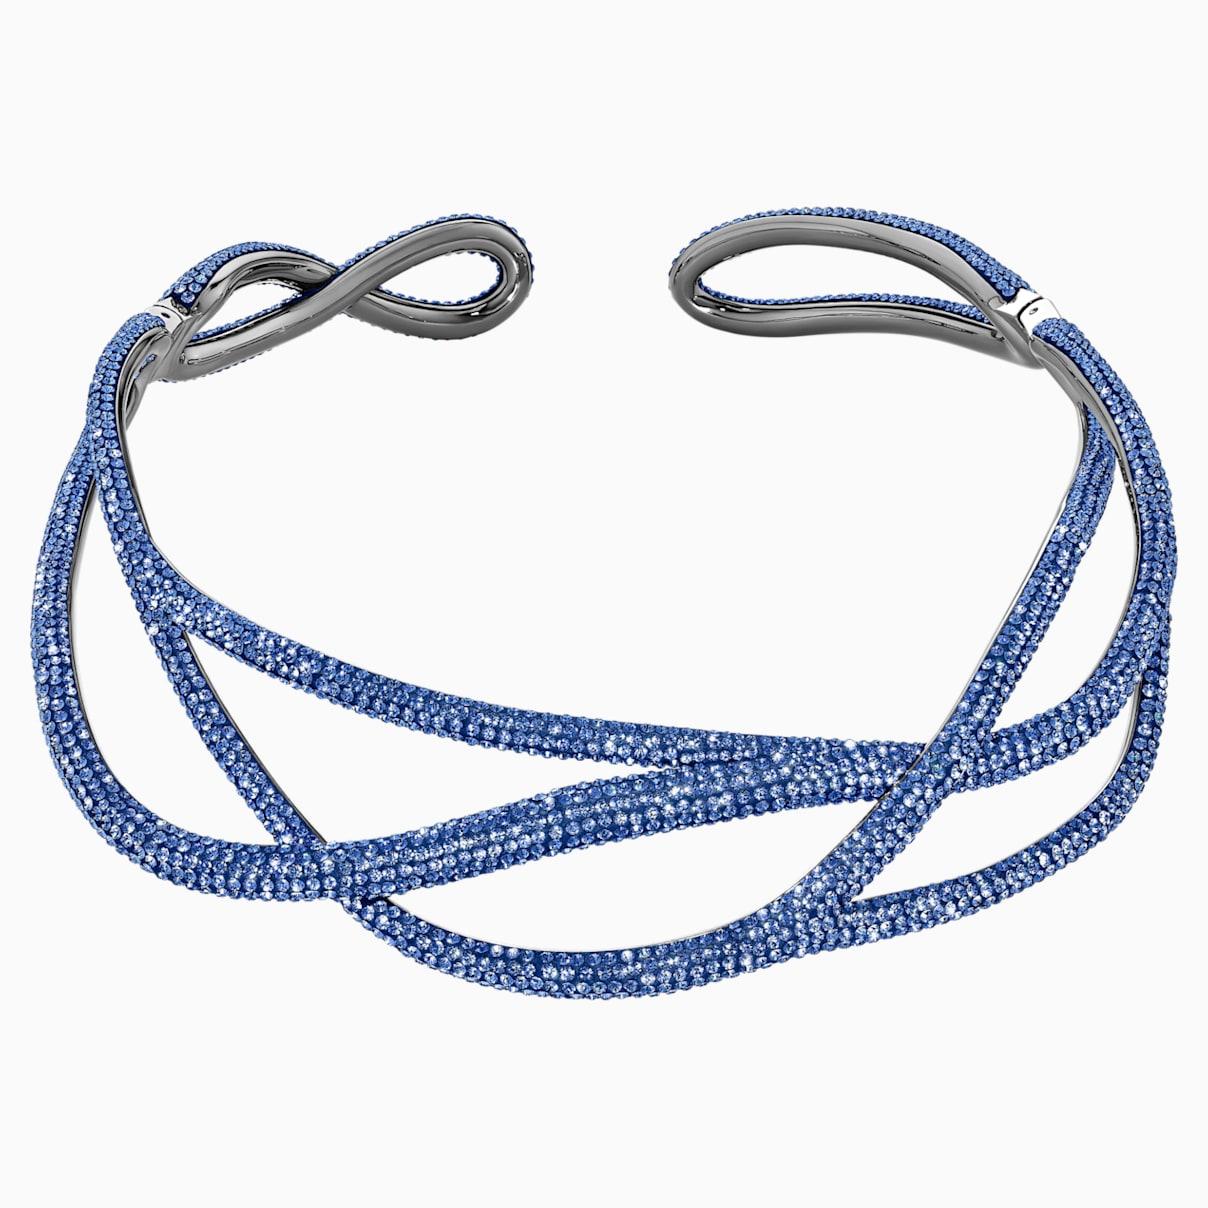 Tigris Statement Halsband, blau, rutheniert